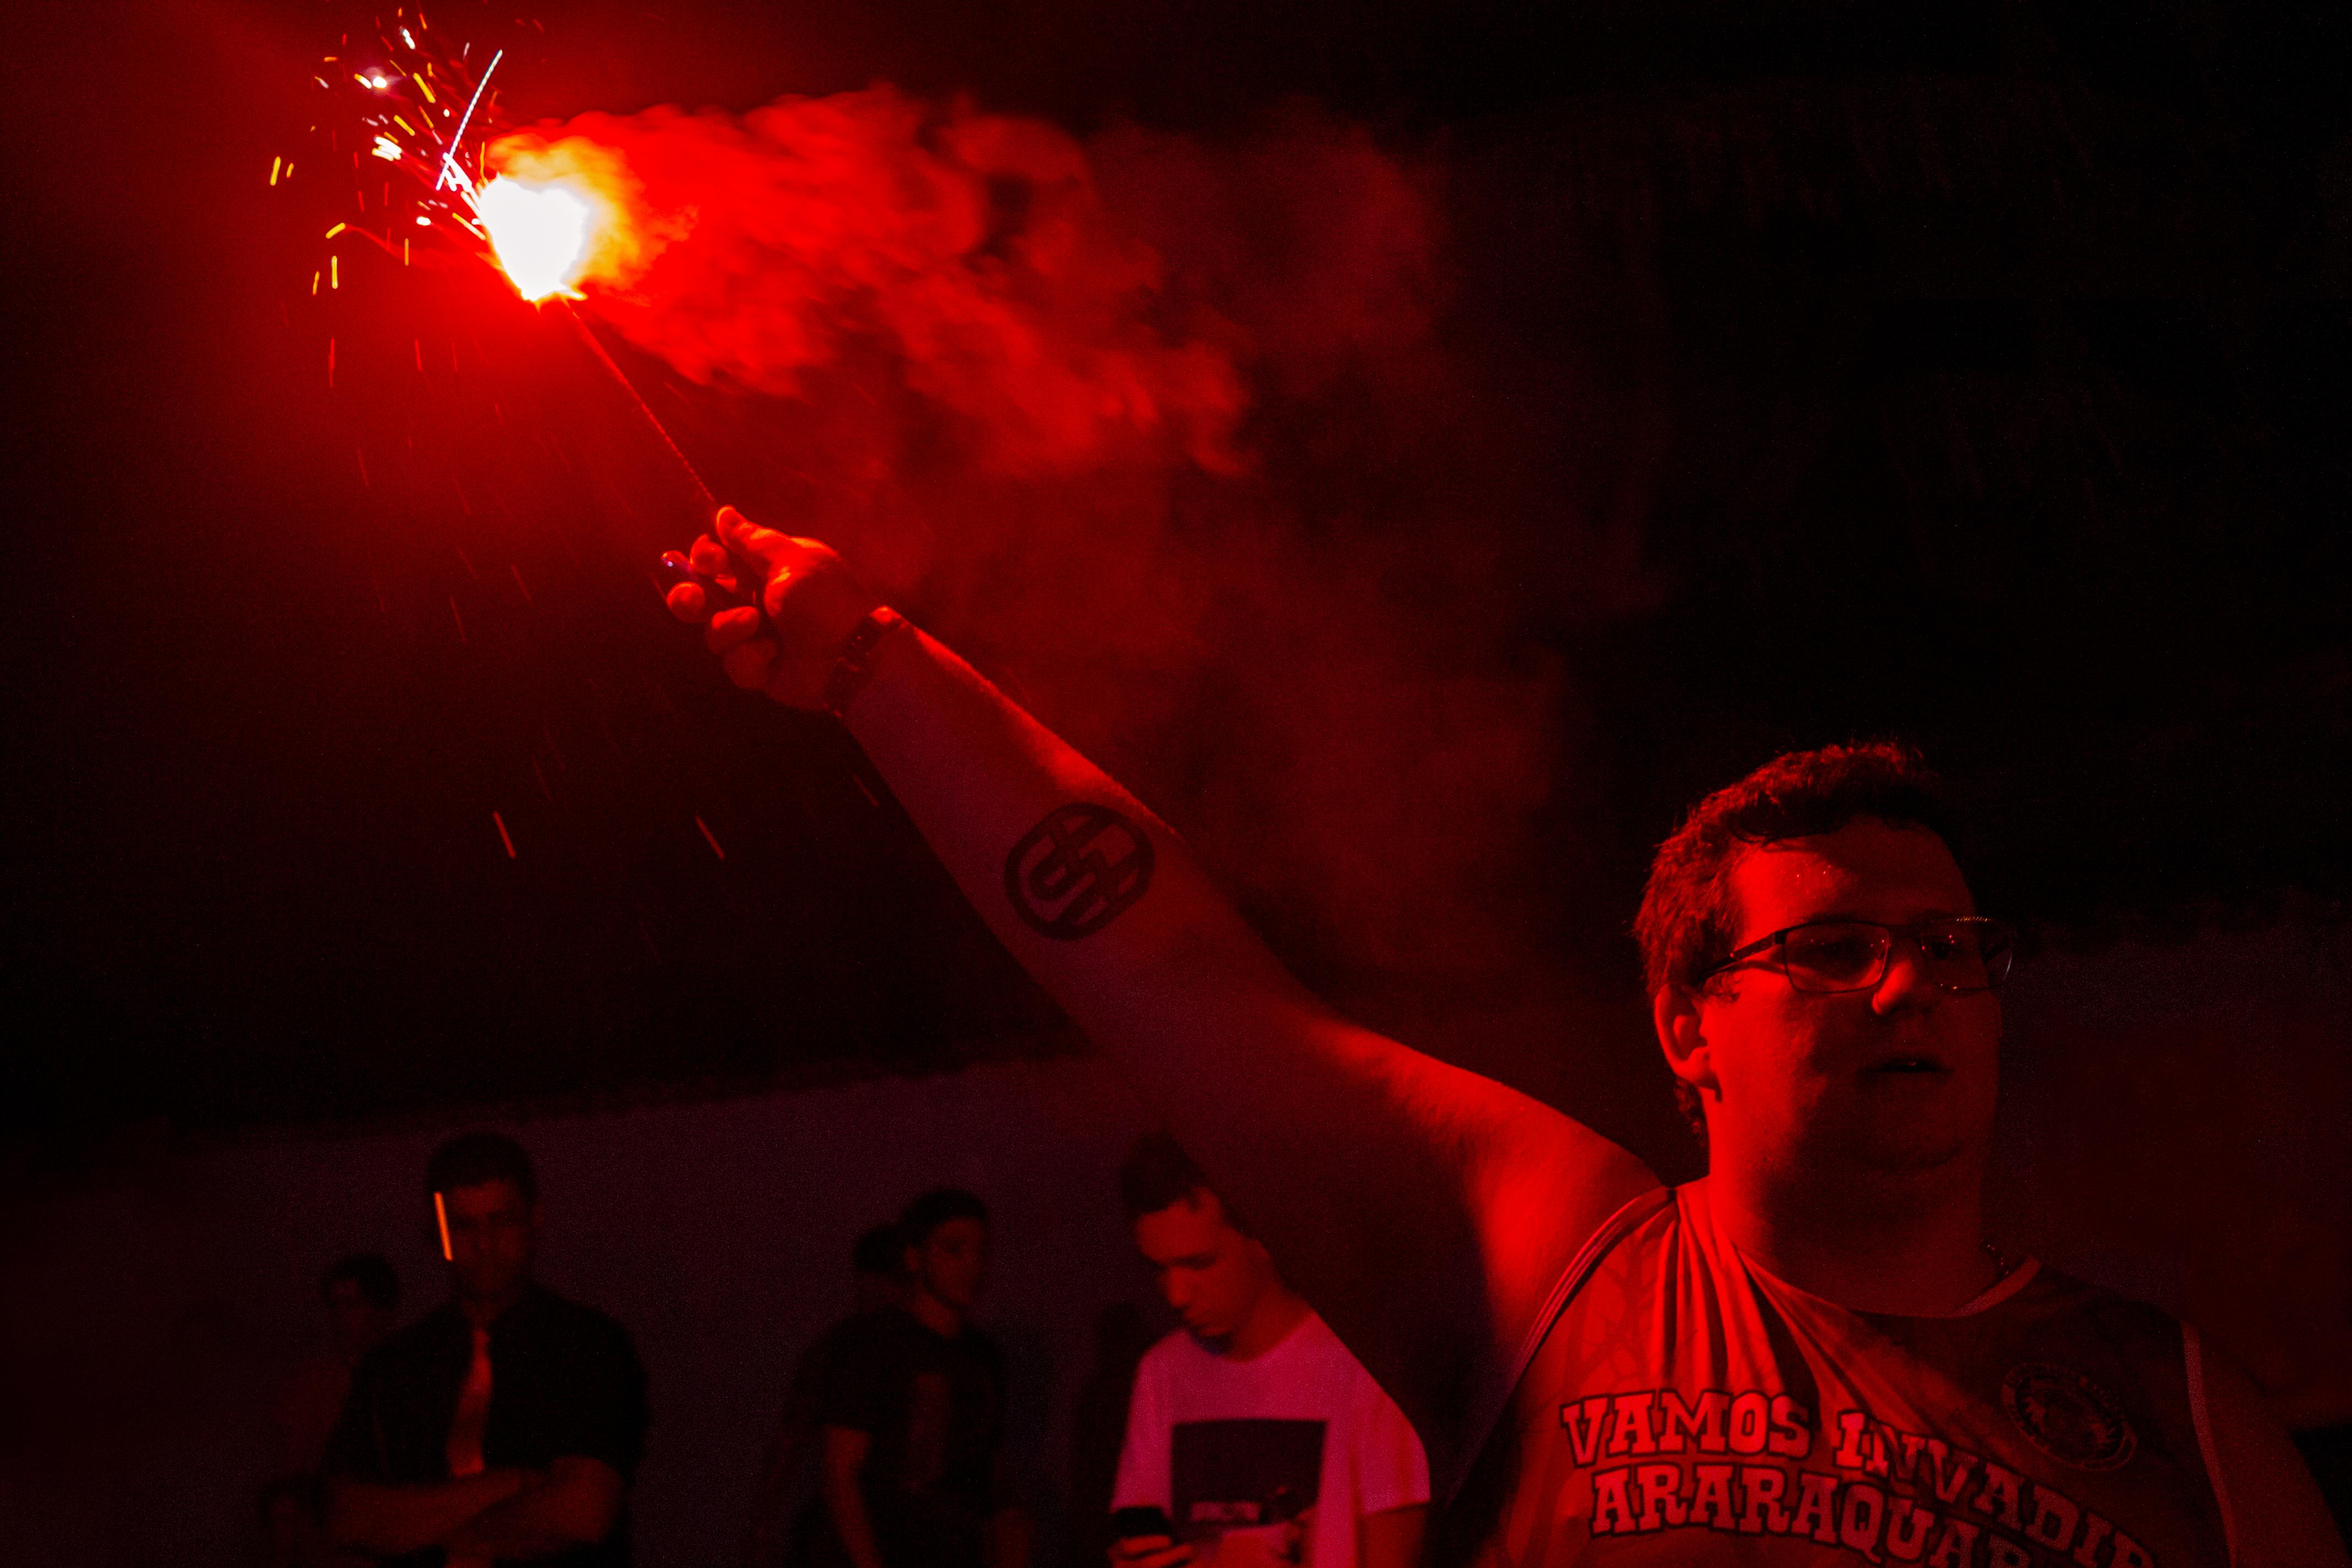 Fotos Gratis Ligero Fuegos Artificiales Contraste Rojo